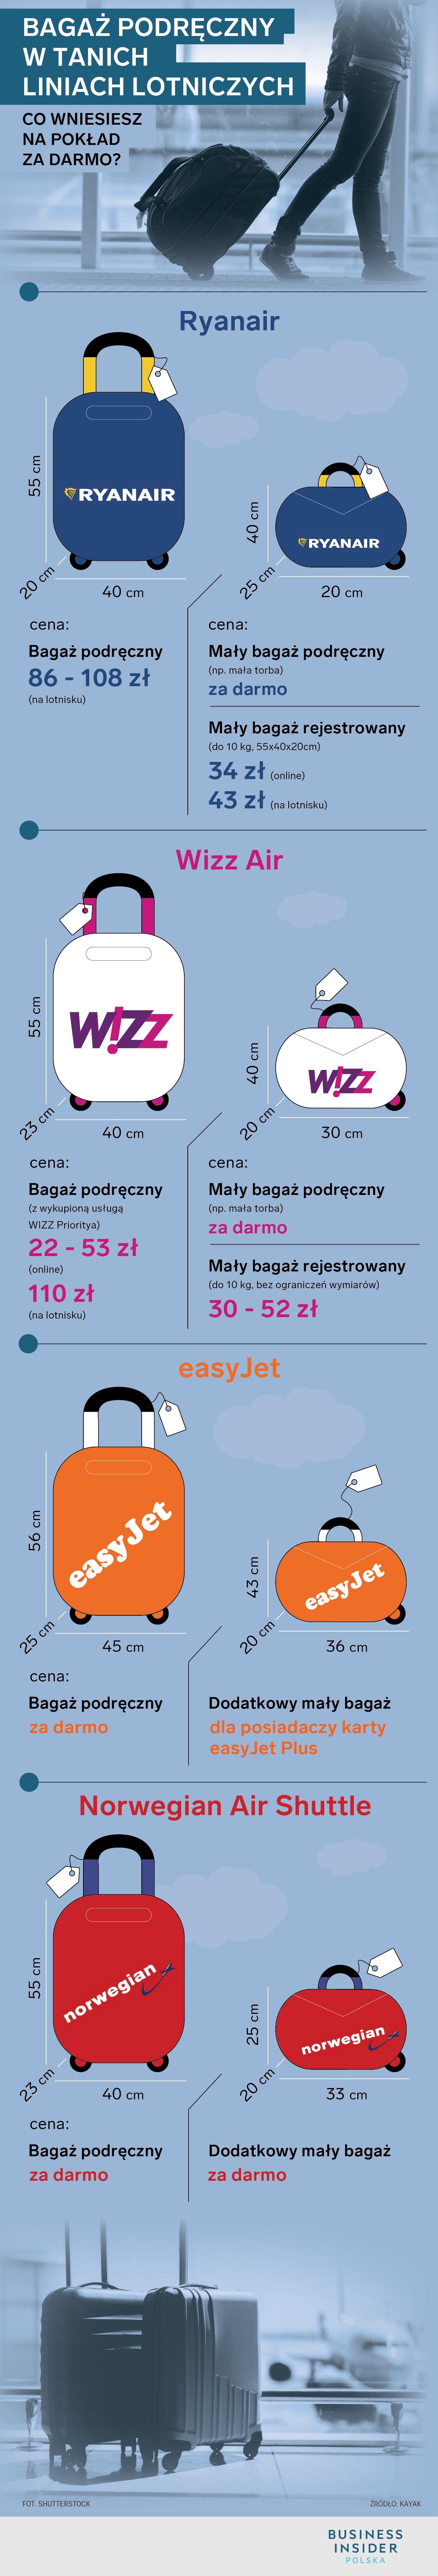 Wymiary bagażu podręcznego Wizzair i Ryanair